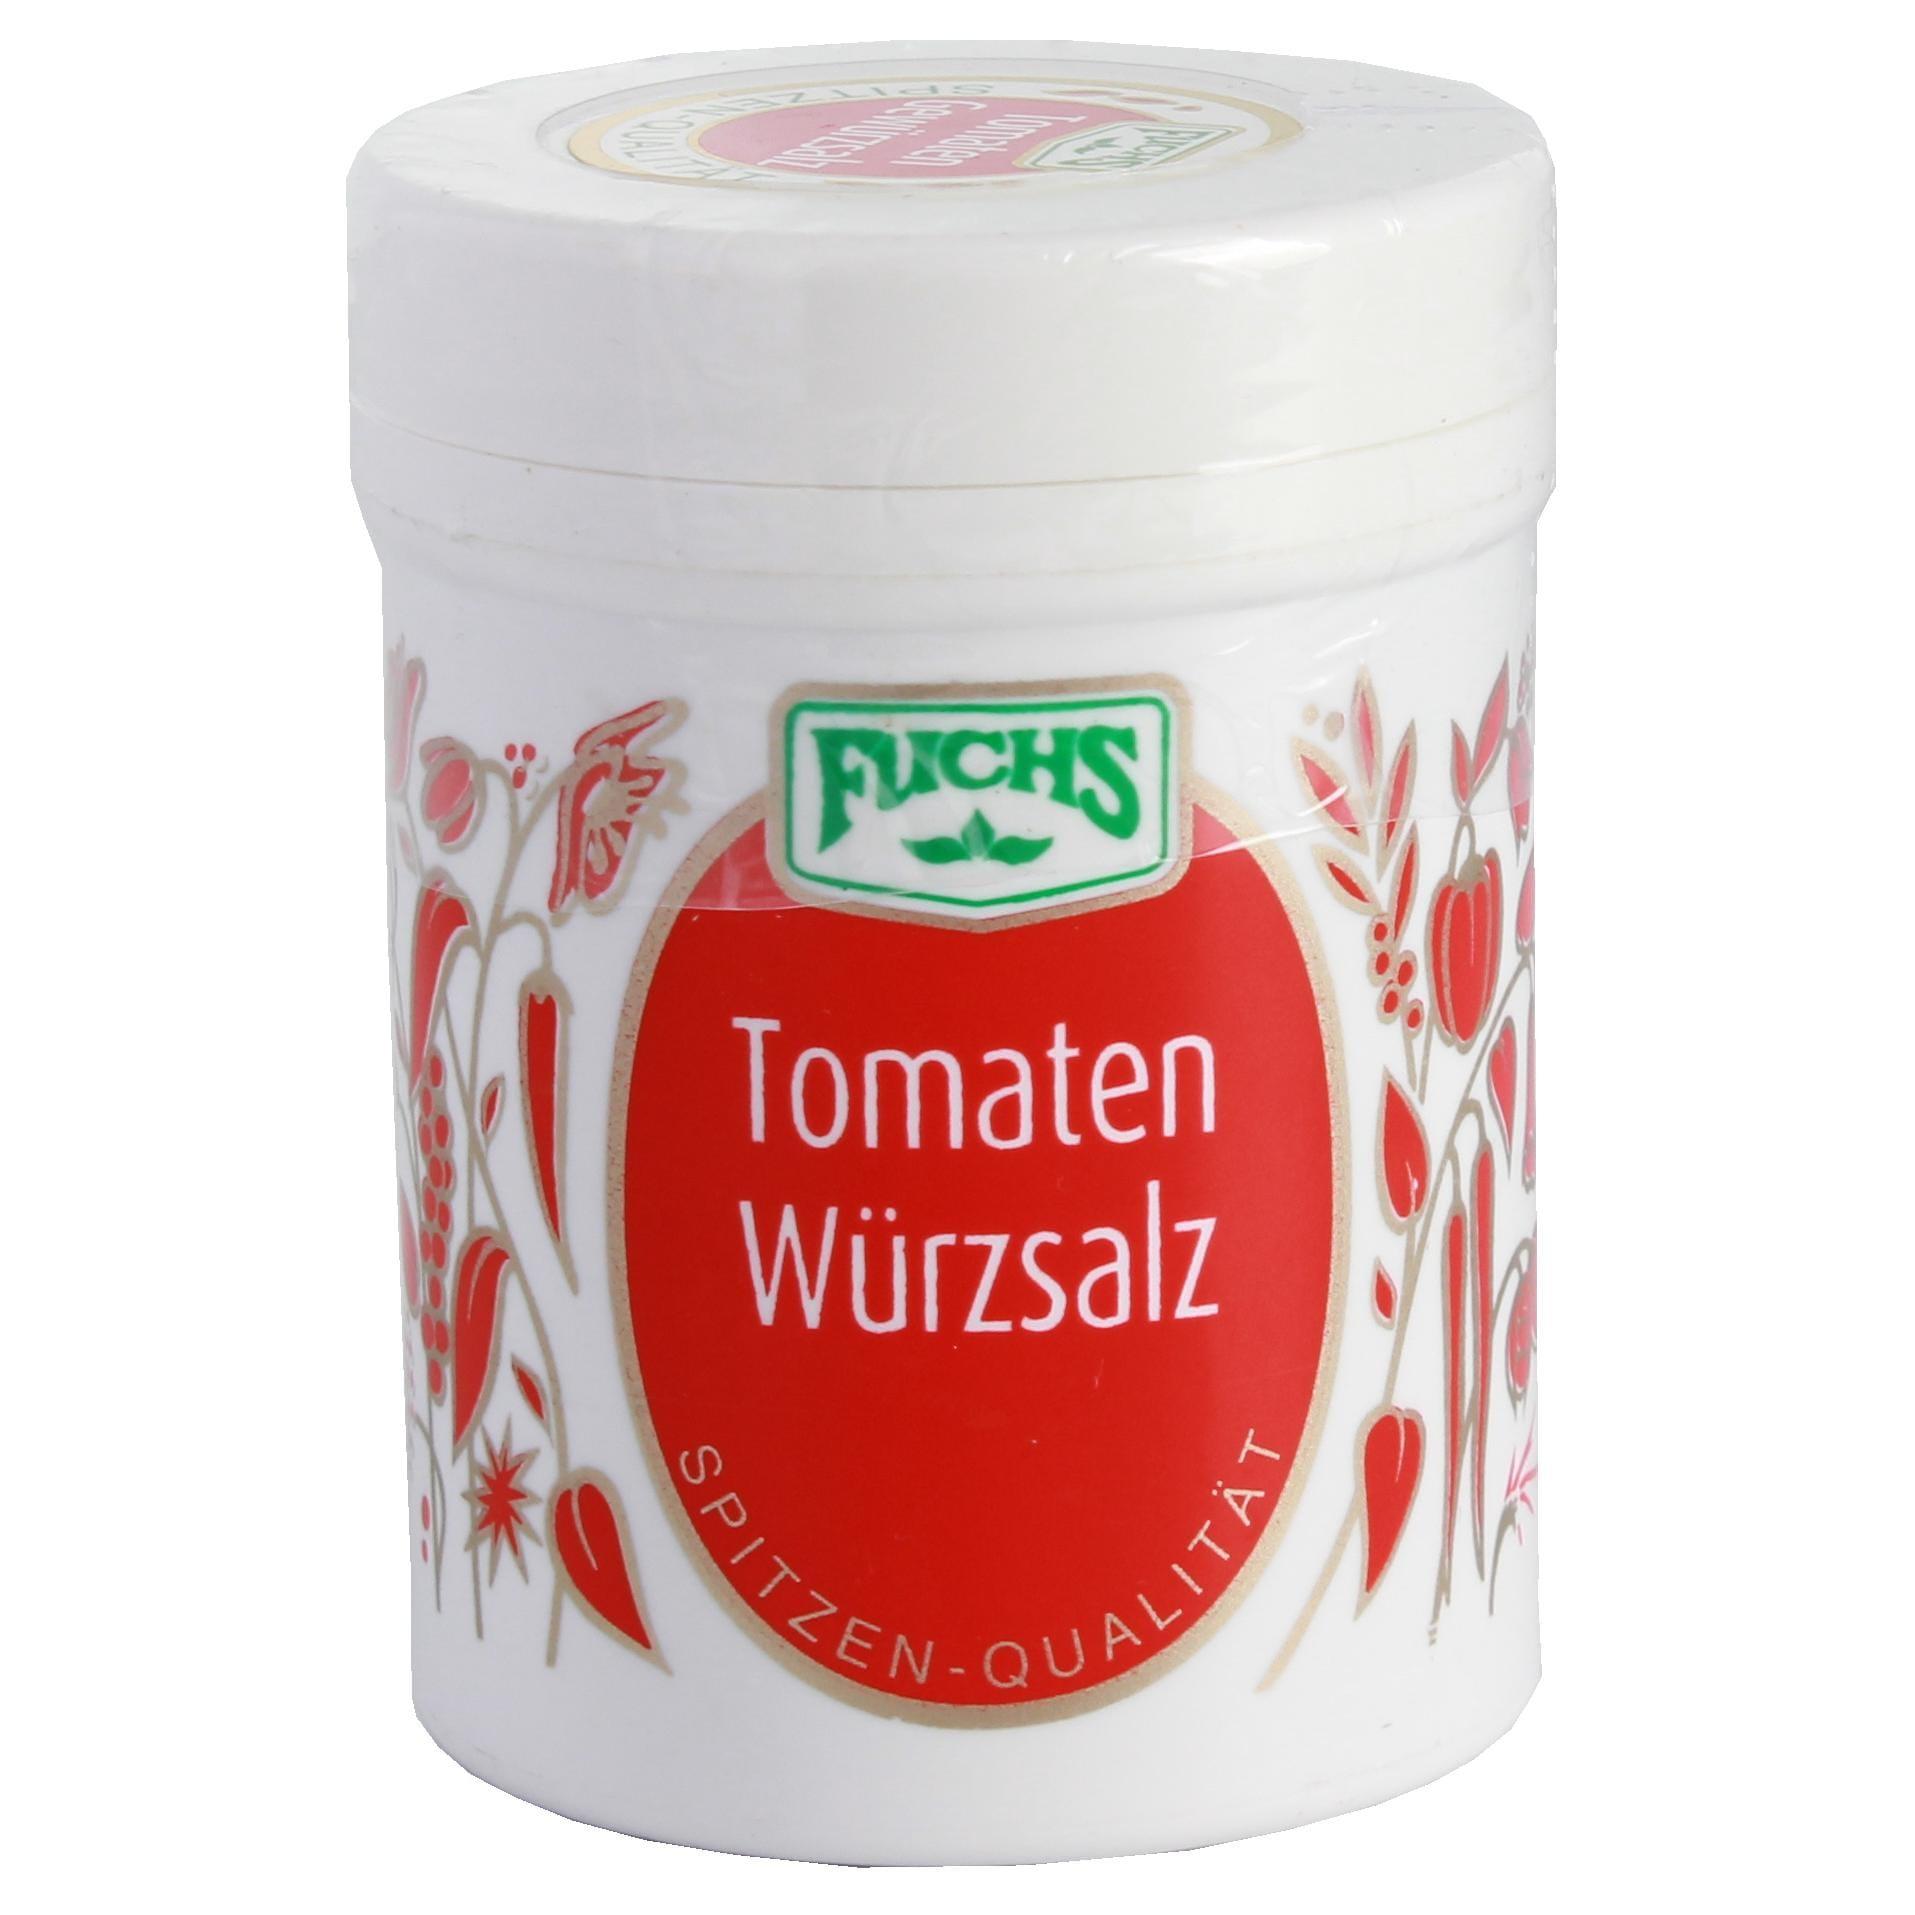 Fuchs - Tomaten Würzsalz Gewürzmischung - 150g